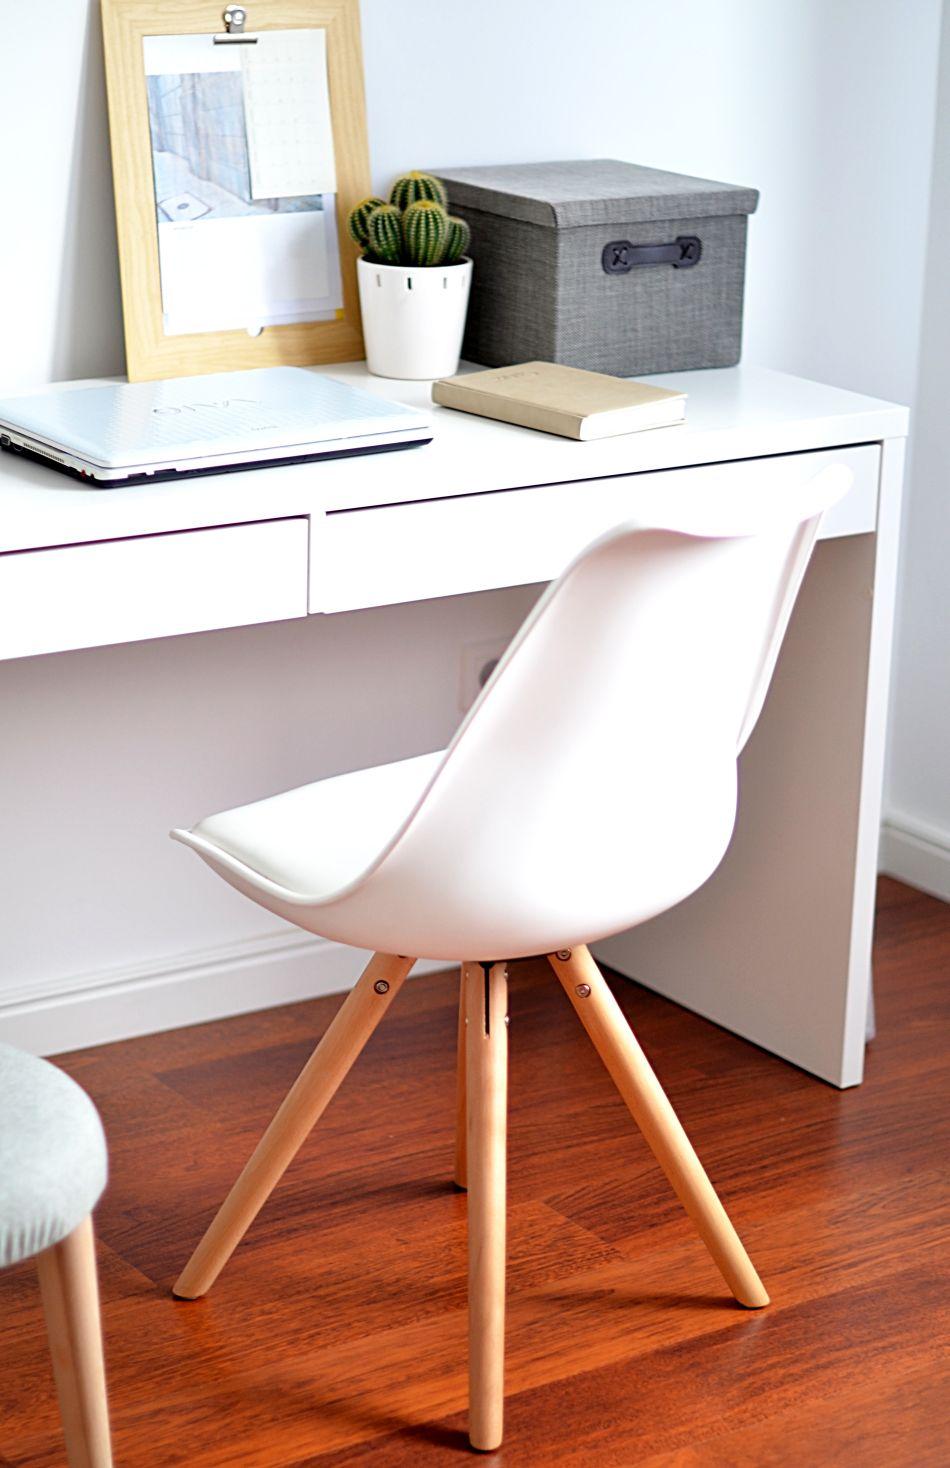 blog lifestyle | blog o wnętrzach | design | domowe biuro | home office | jak urzadzic biuro w domu | modne wnętrza, pomysł na wnętrze | praca w domu | wyposazenie biura | wystrój biura